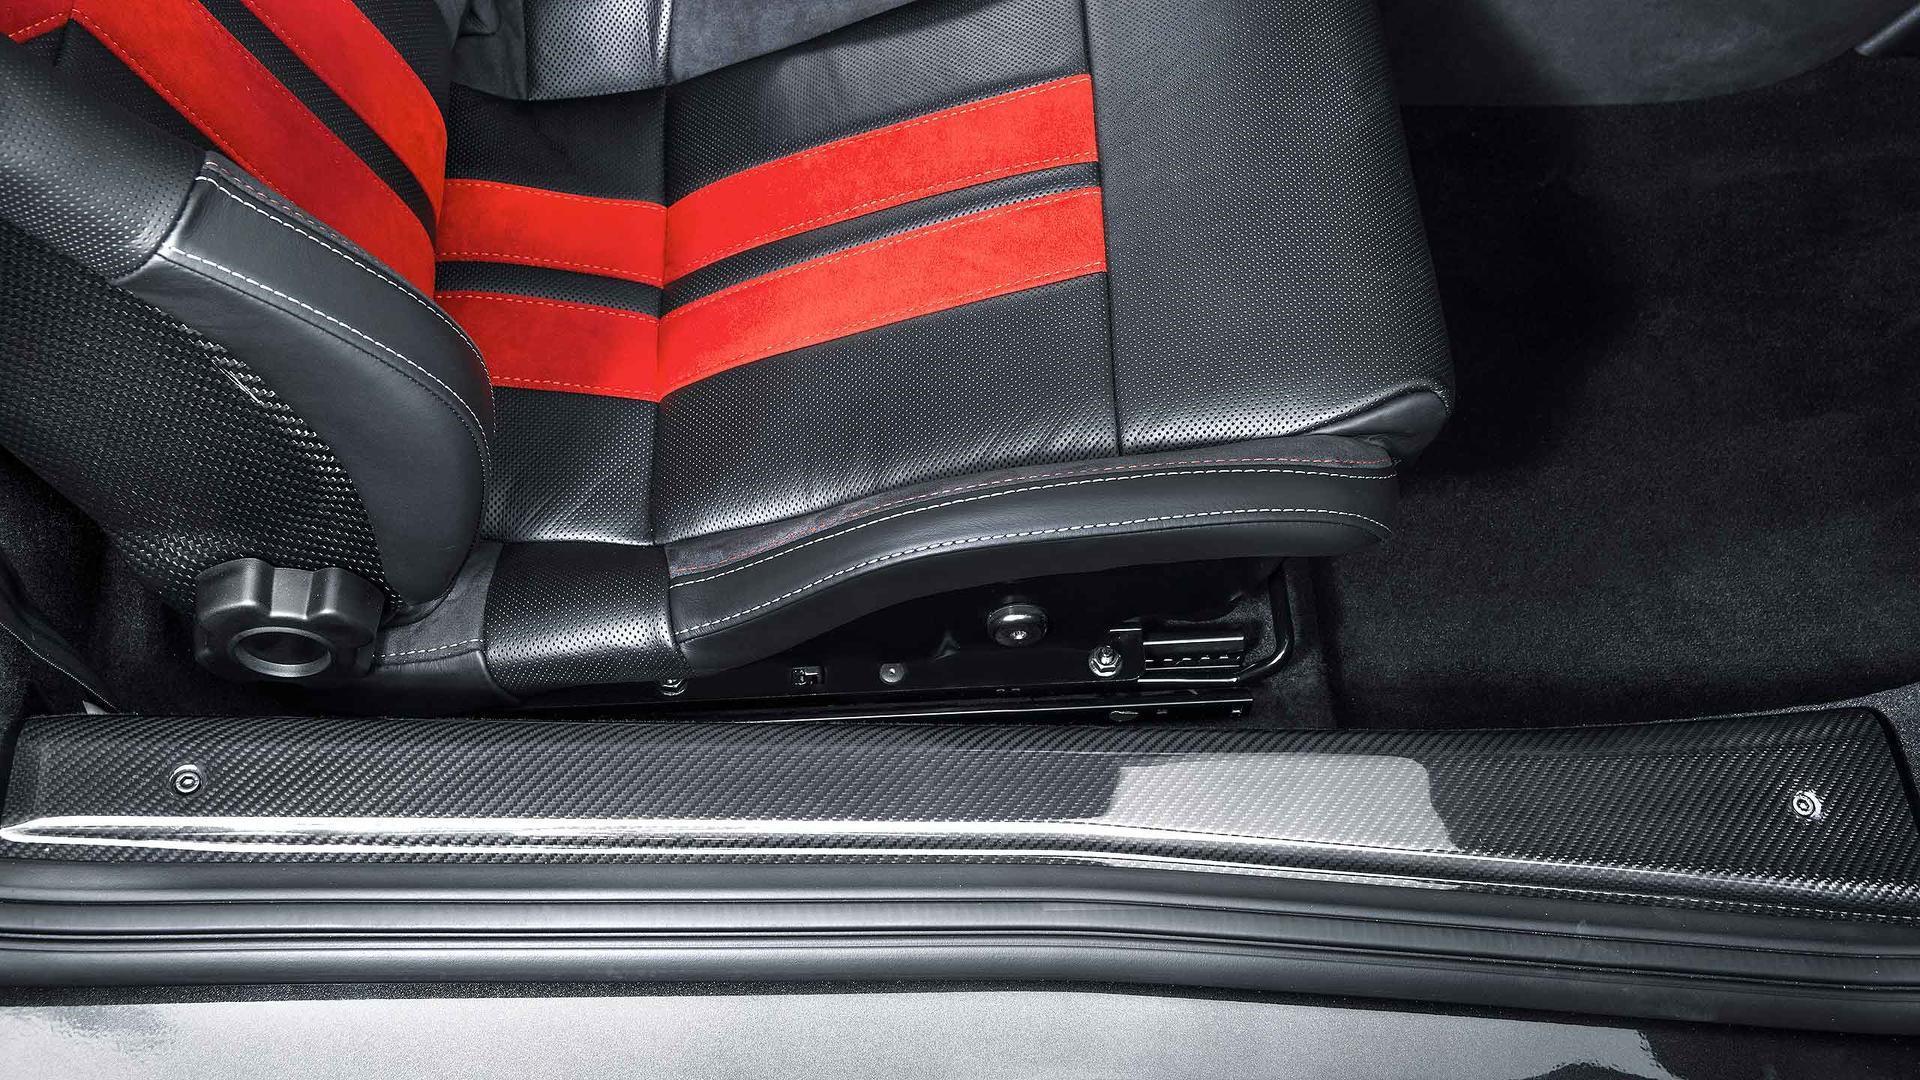 nouvelle-lotus-evora-gt430-a-l-assaut-des-supercars-382-12.jpg